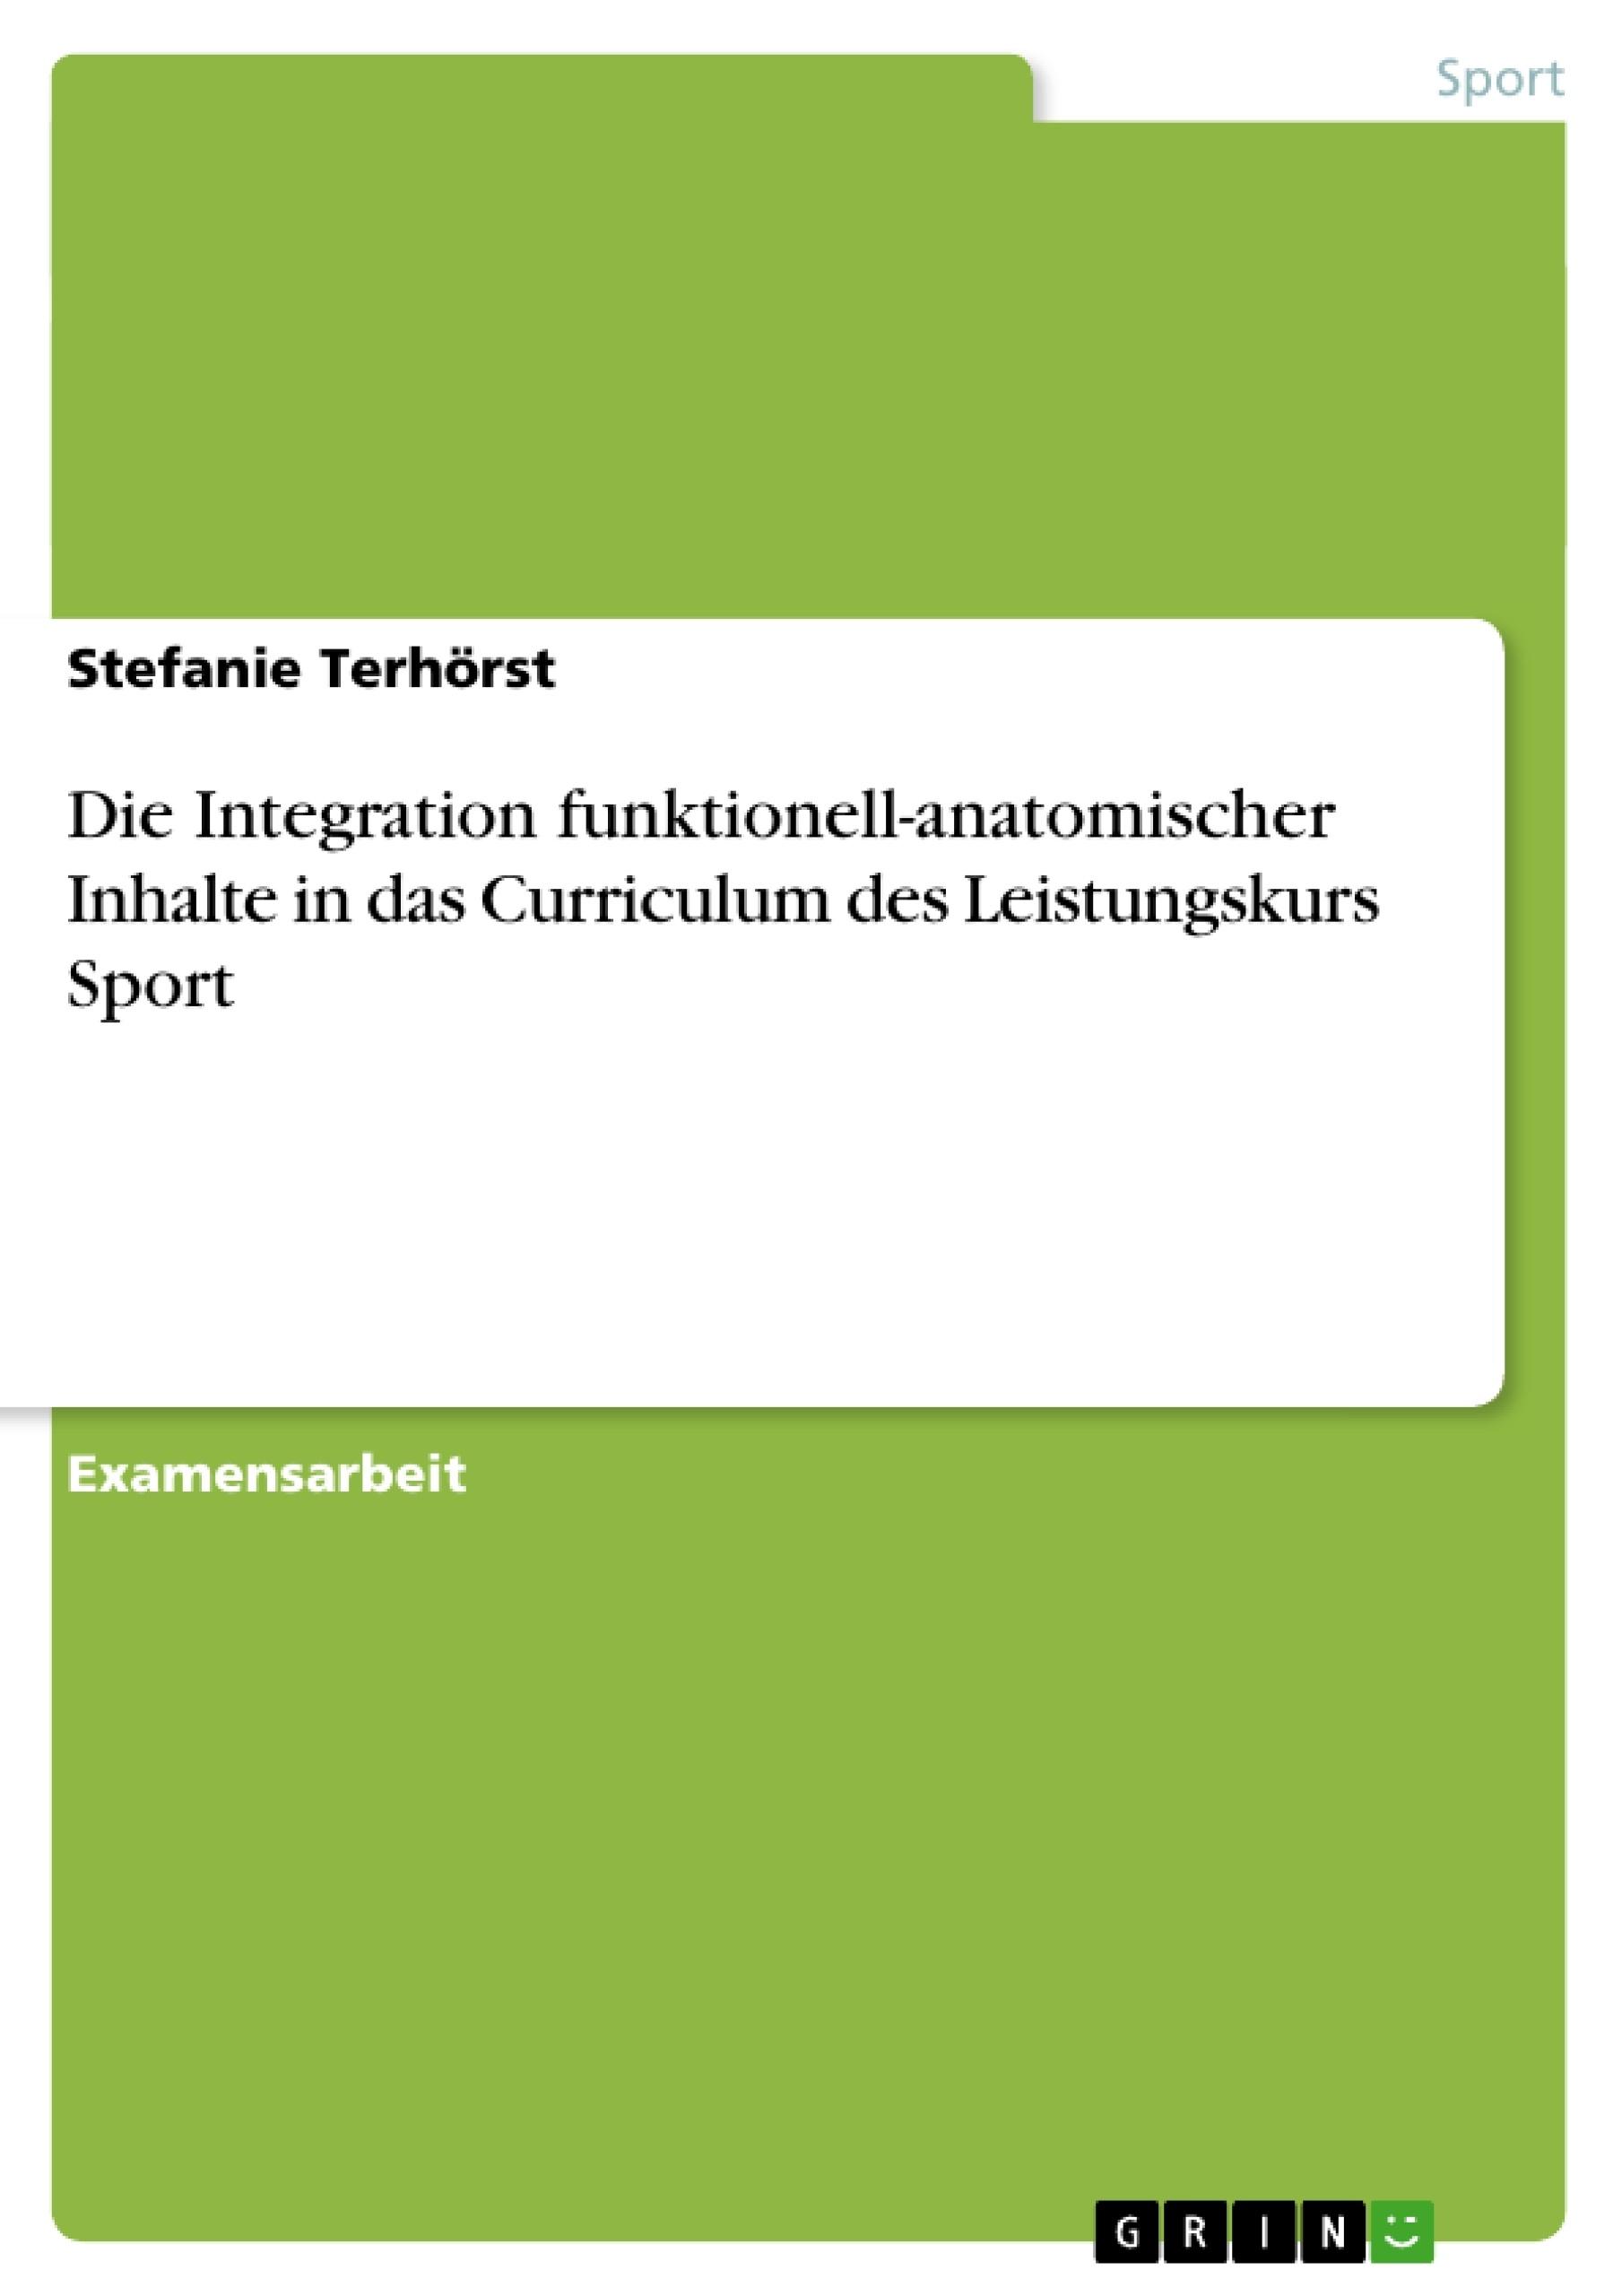 Titel: Die Integration funktionell-anatomischer Inhalte in das Curriculum des Leistungskurs Sport